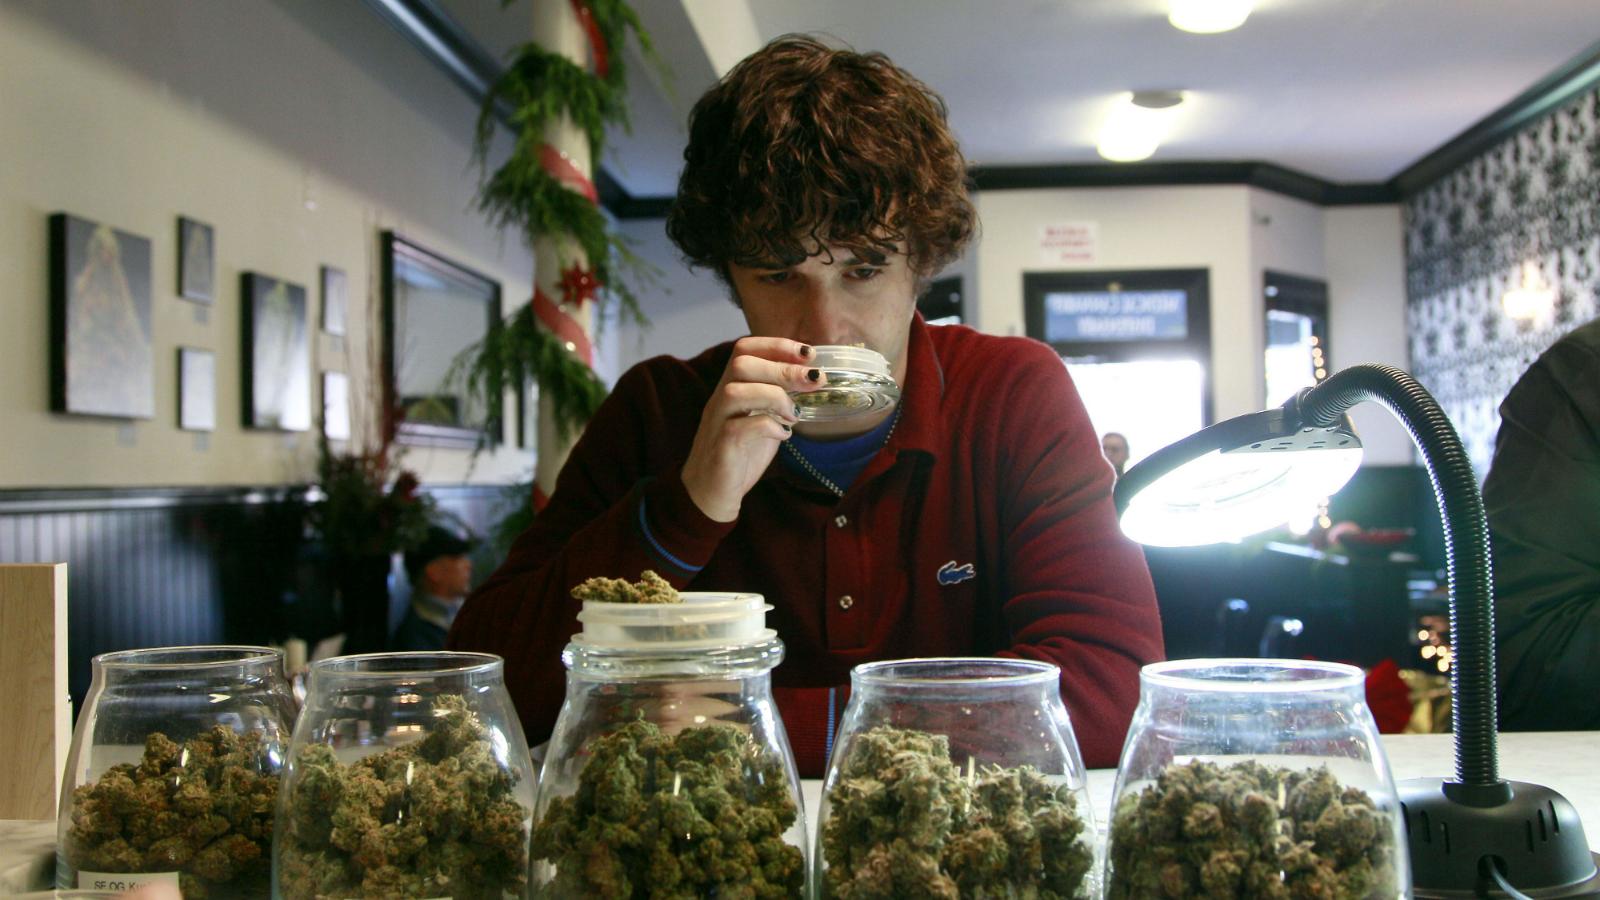 Что отбивает запах марихуаны таблетки для выведения марихуаны